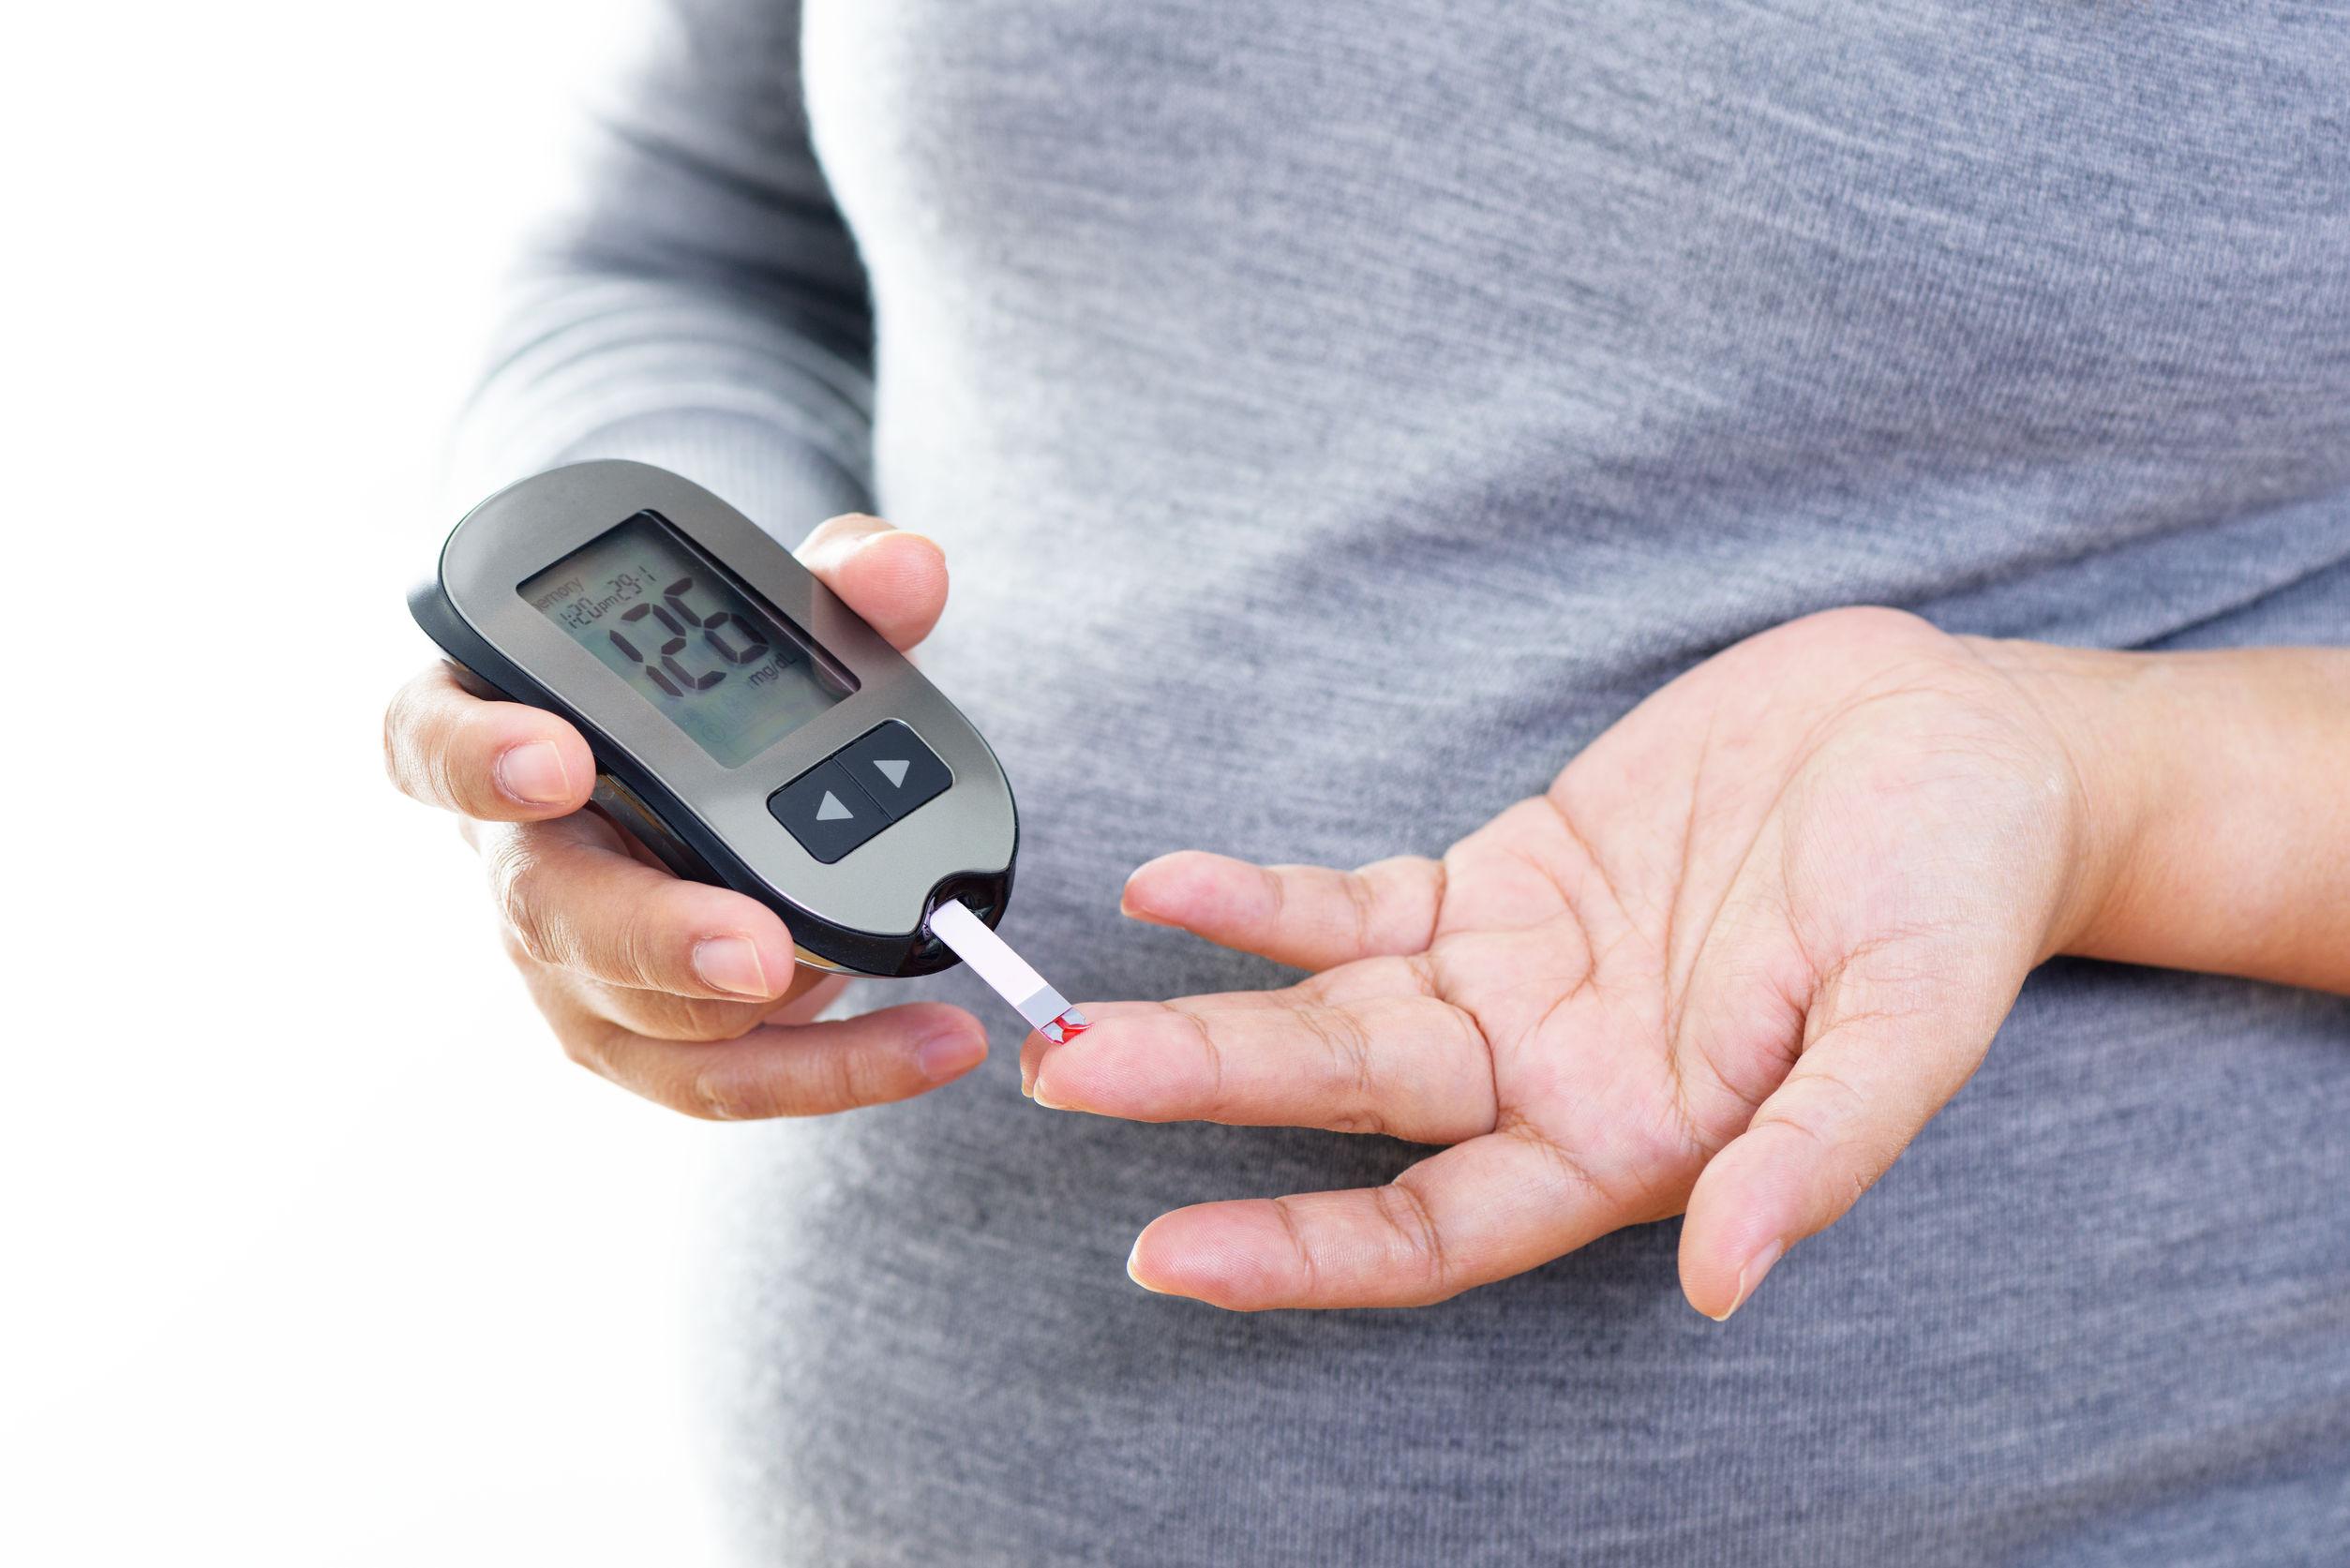 reducir el riesgo de diabetes